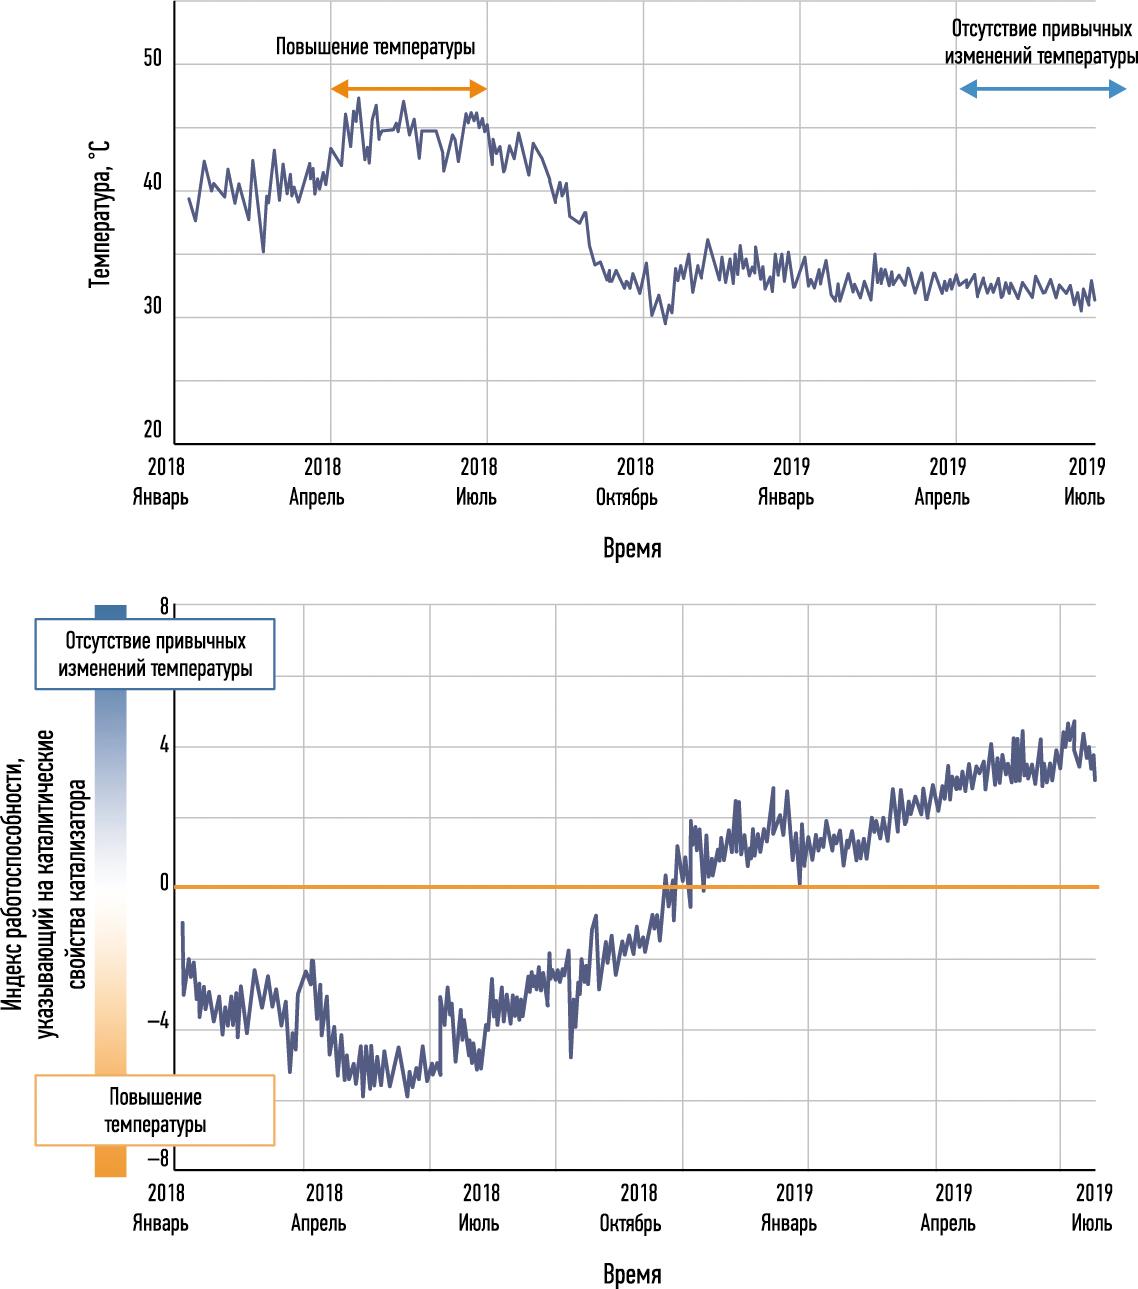 Фактические данные процесса (верхний график) показывают потерю контроля в 2018 г. Созданный индекс (нижний график) показывает, как операторы теперь могут контролировать параметры, чтобы избежать потери холодопроизводительности градирни